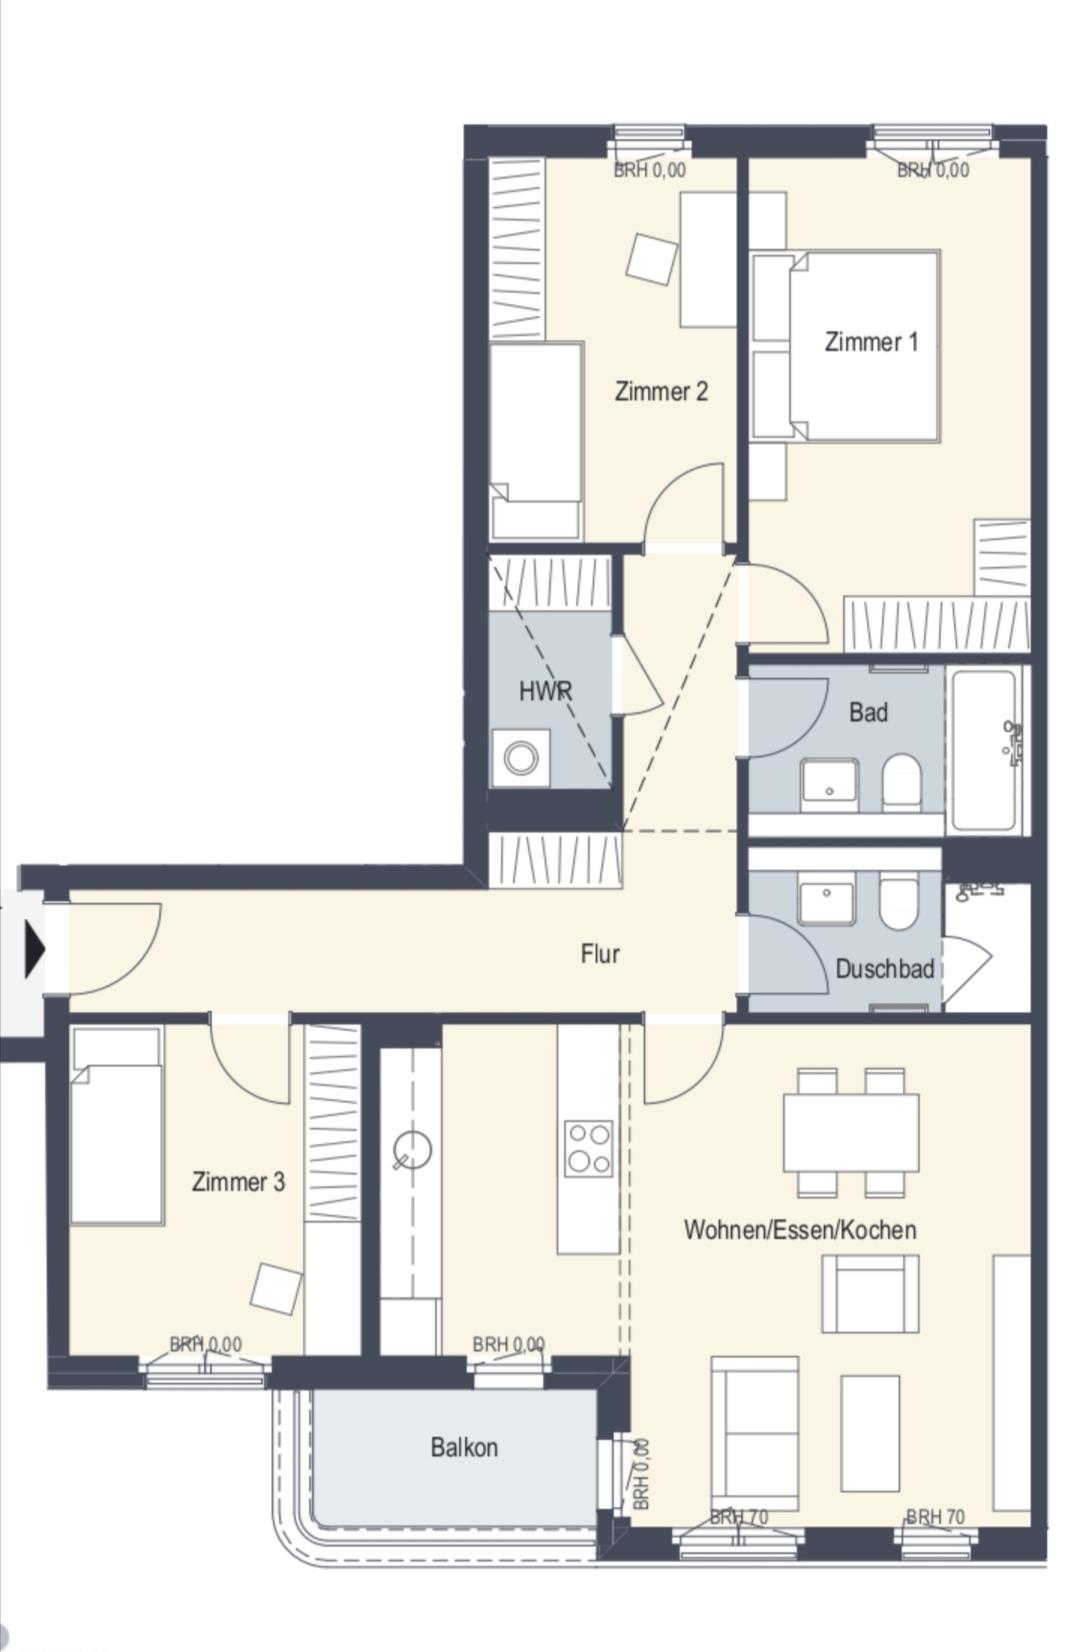 Náš nový byt v novostavbě - Původní plán bytu